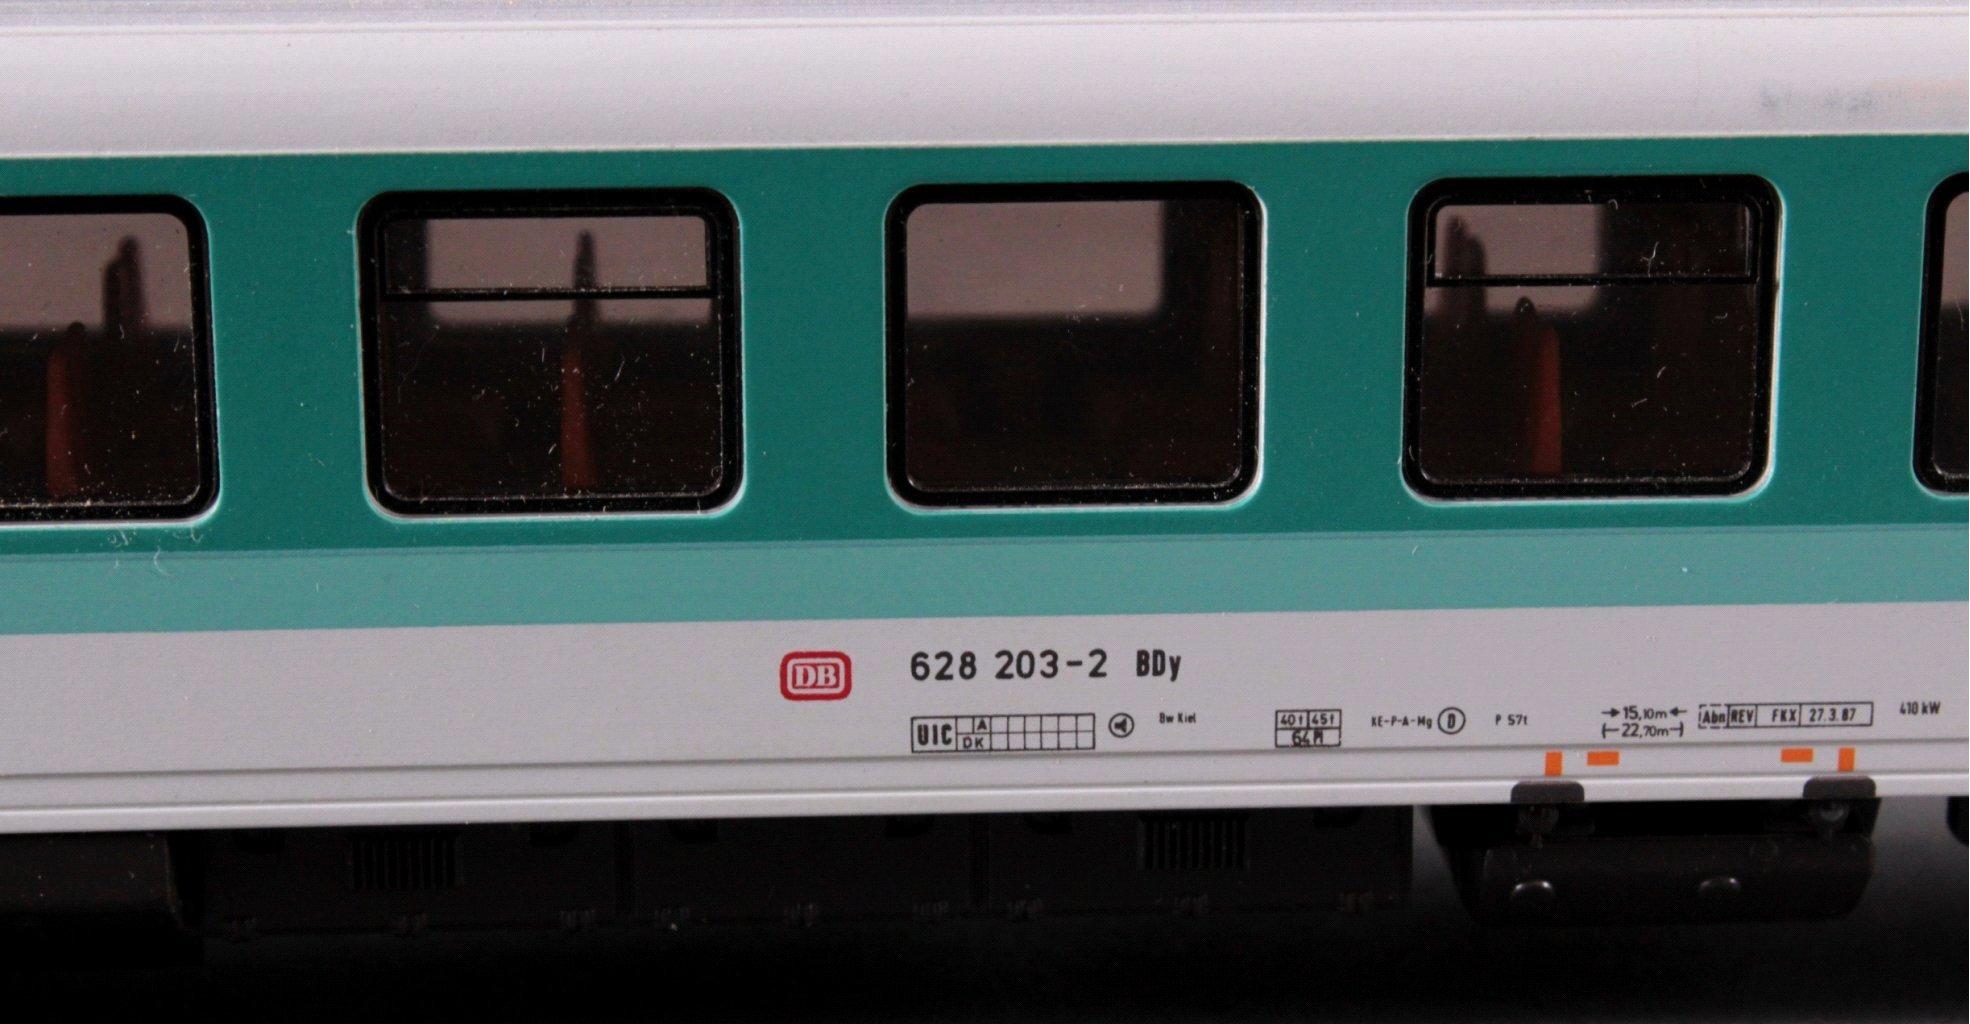 Märklin H0 3376 Diesel-Triebwagen BR 628 203-2 der DB-2